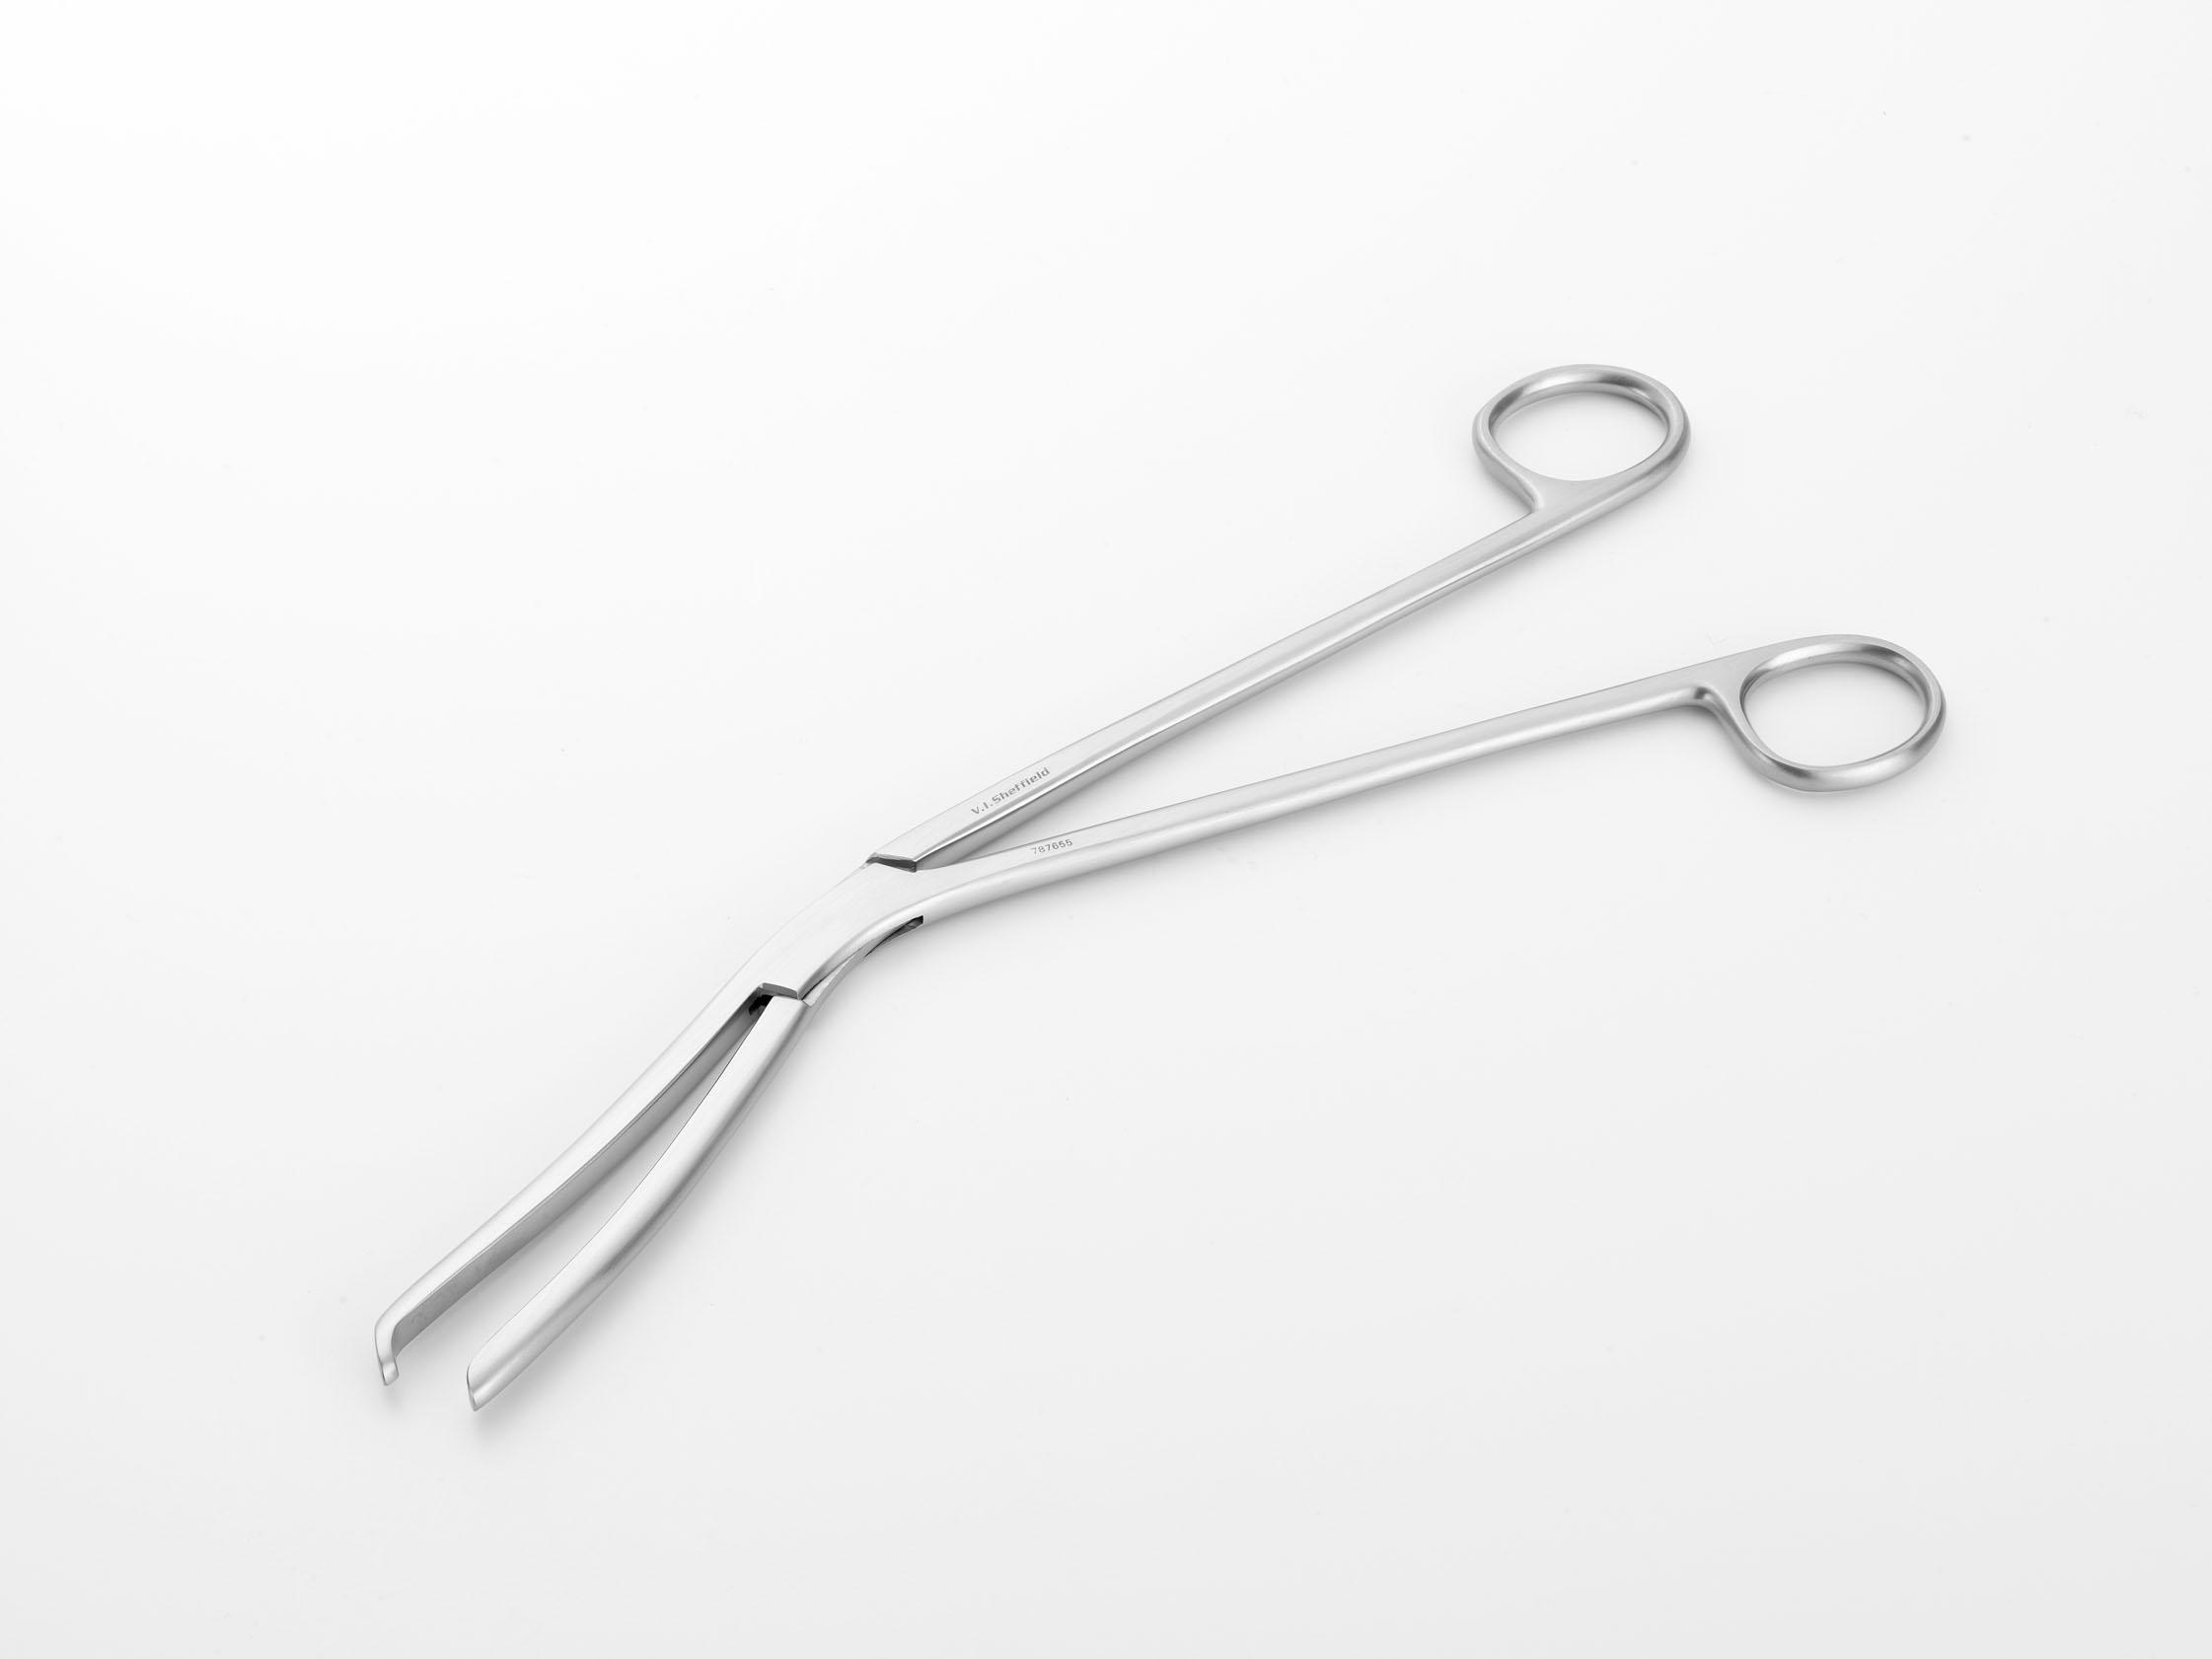 Steriliser Forceps